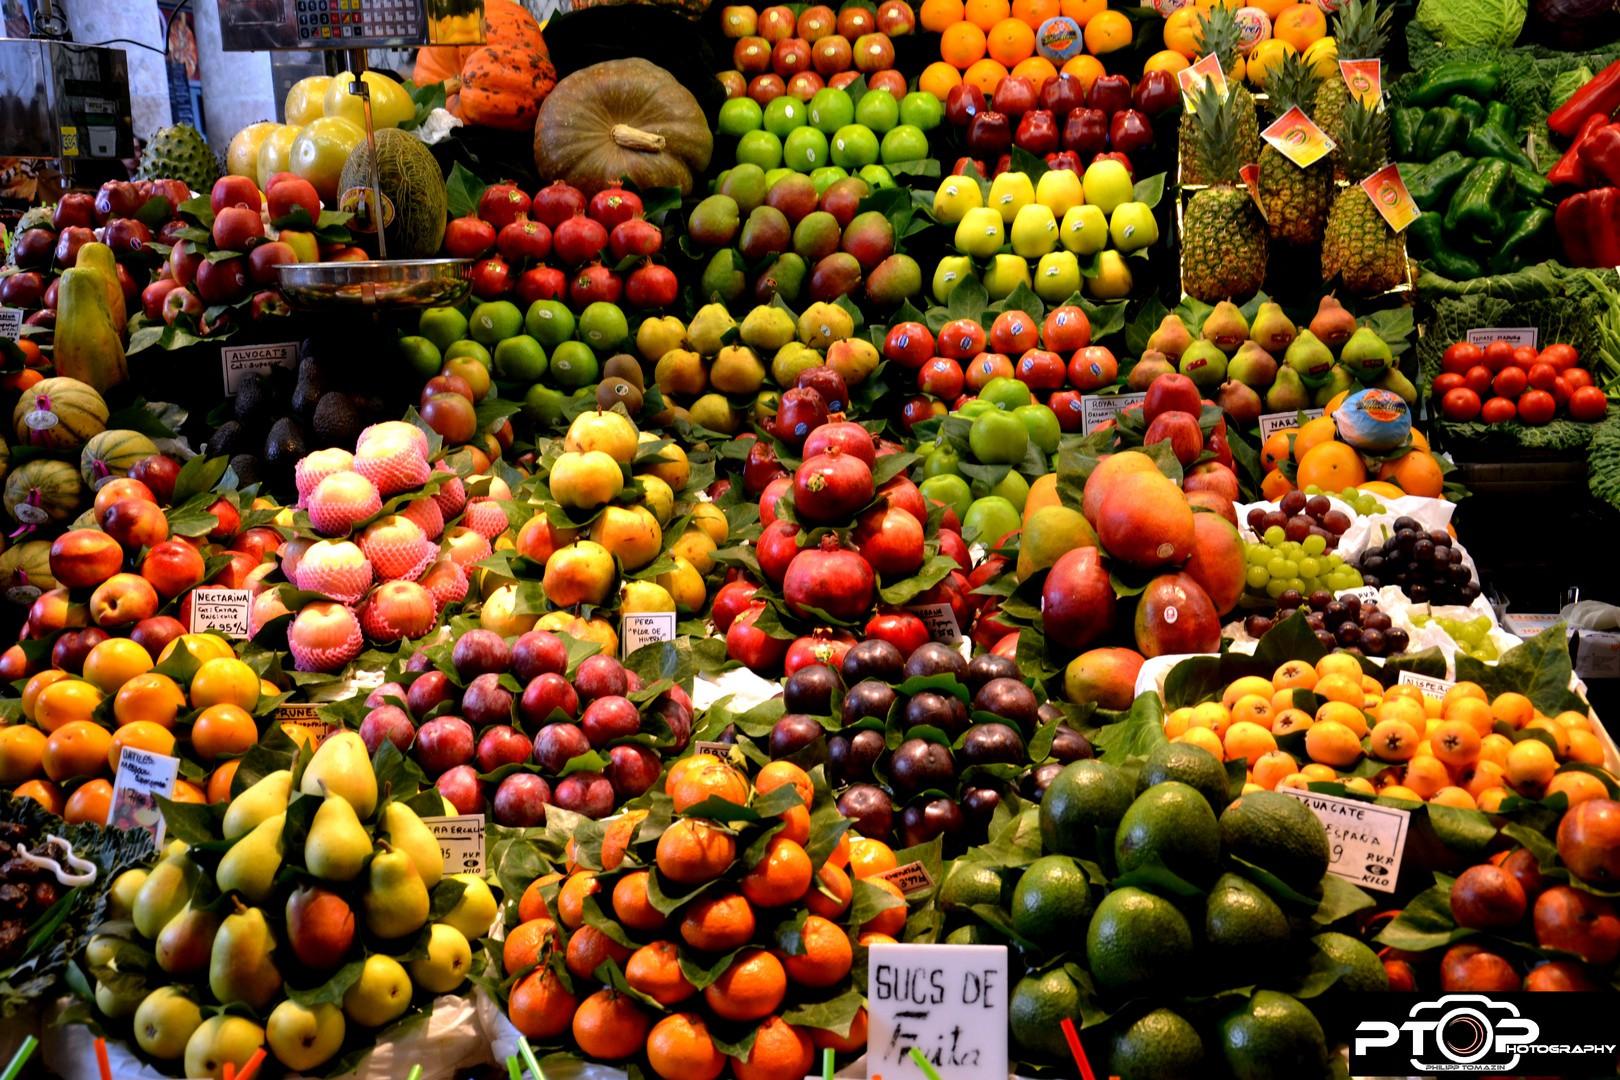 obst-in-den-markthallen-von-barcelona-la-boqueria-3fff66a6-d426-4dc8-a769-273199bfa1b8